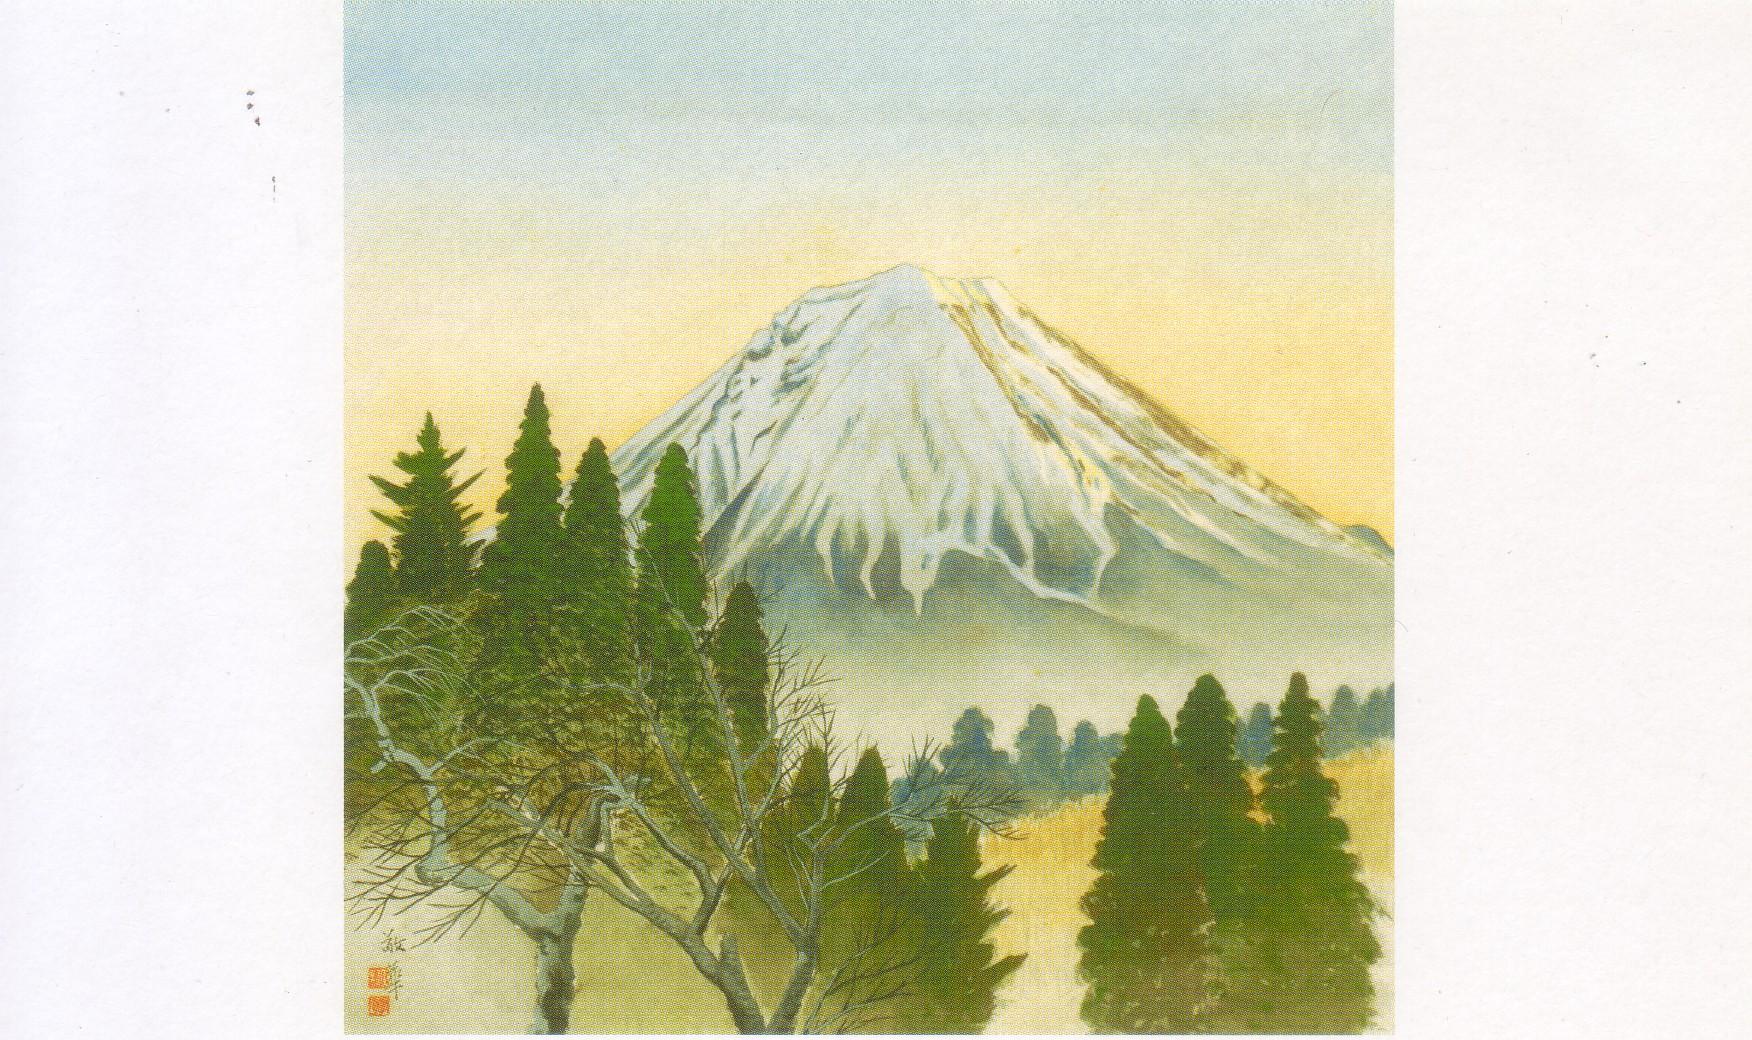 Le mont Fuji le 1er jour de l'année